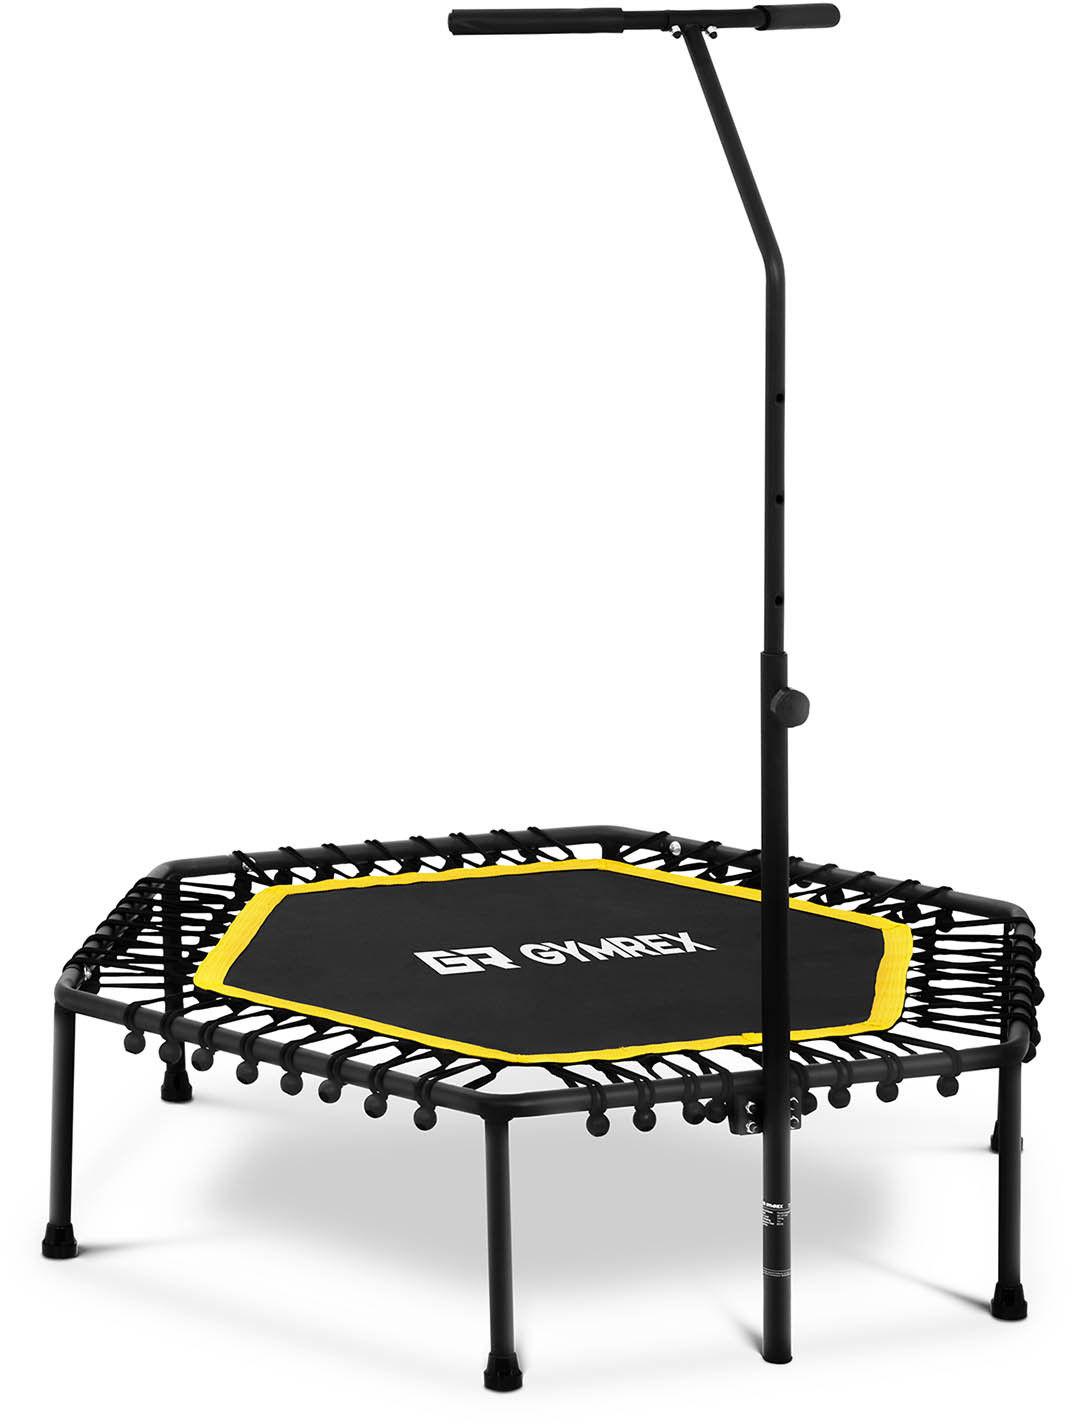 Trampolina z uchwytem - do 100 kg - żółta -124 cm - Gymrex - GR-HT110R - 3 lata gwarancji/wysyłka w 24h